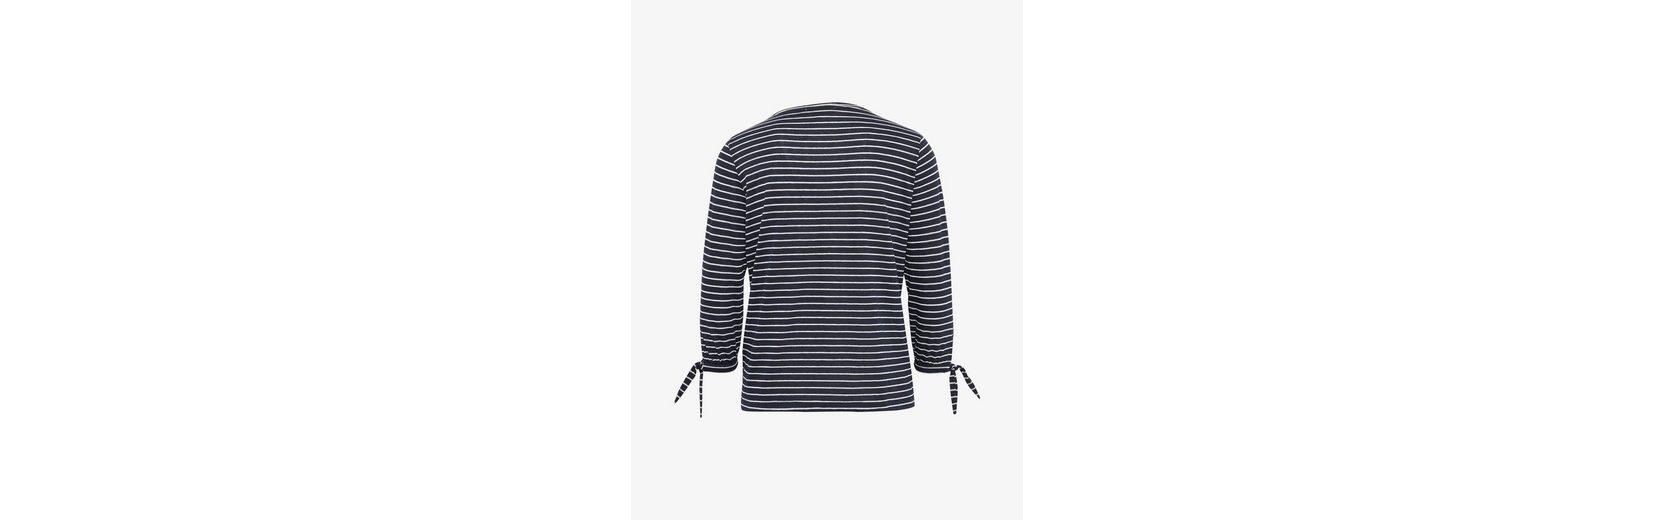 Tailor Shirt Details Schleifen mit Shirt Denim Tom T Arm 4 3 SqOdX7w